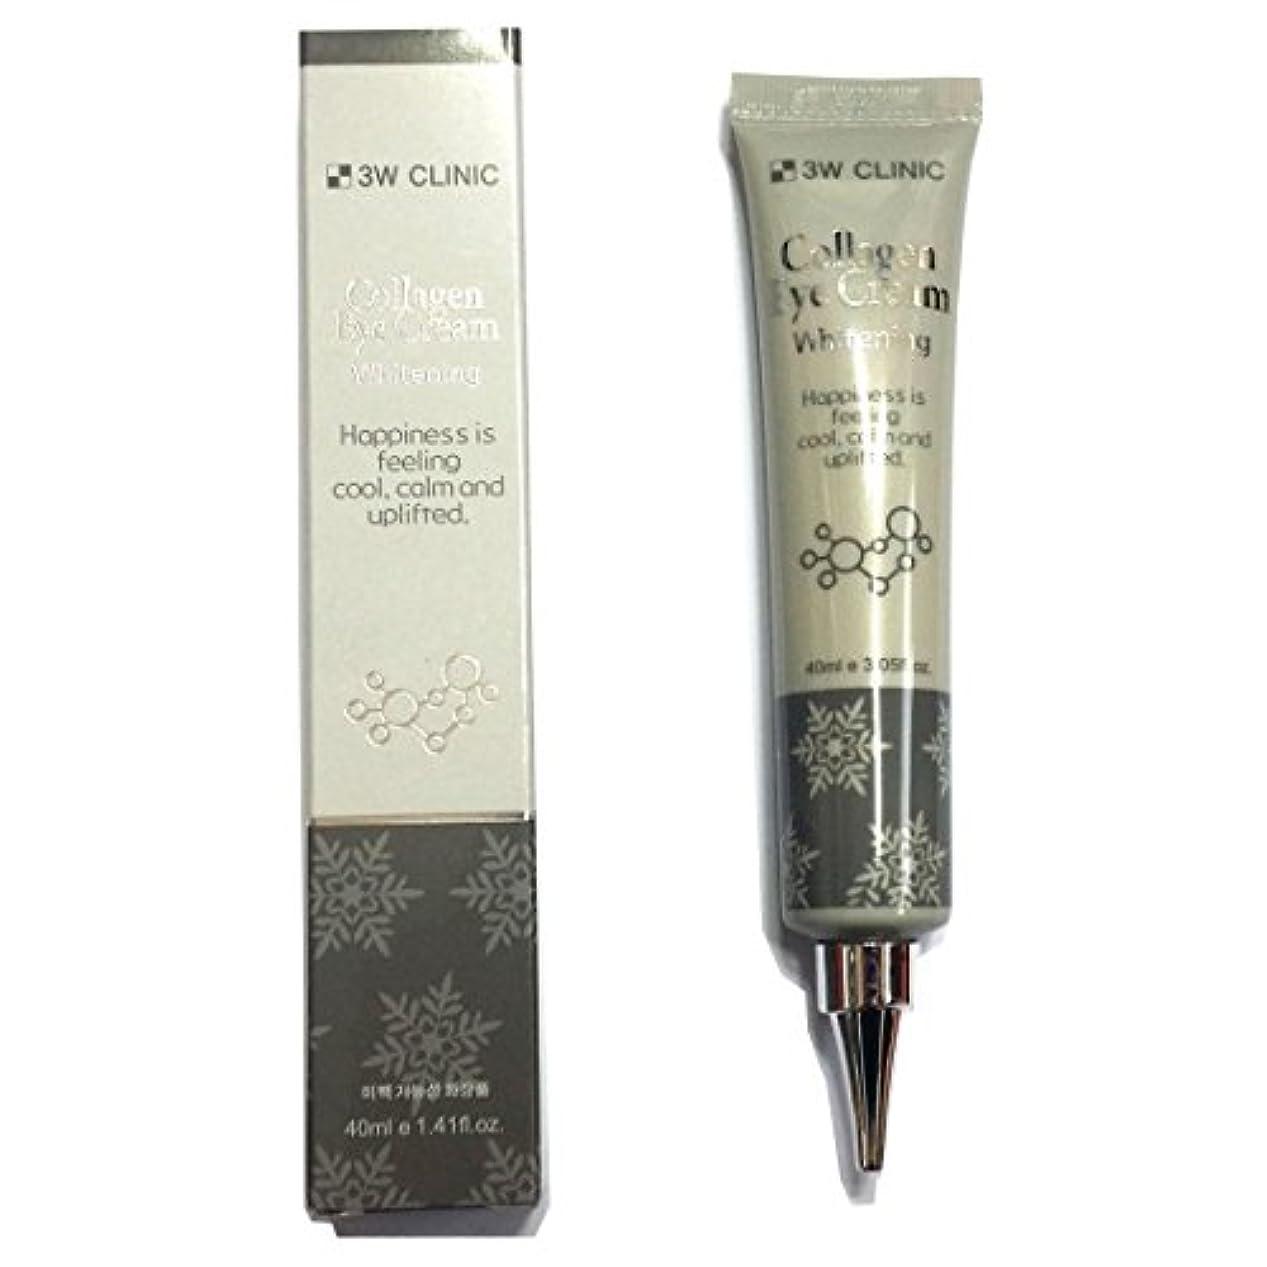 必要消すびん[3W CLINIC] コラーゲンアイクリームホワイトニング40ml X 1ea / Collagen Eye Cream Whitening 40ml X 1ea / しっとりしっとり / Anti wrinkles,...